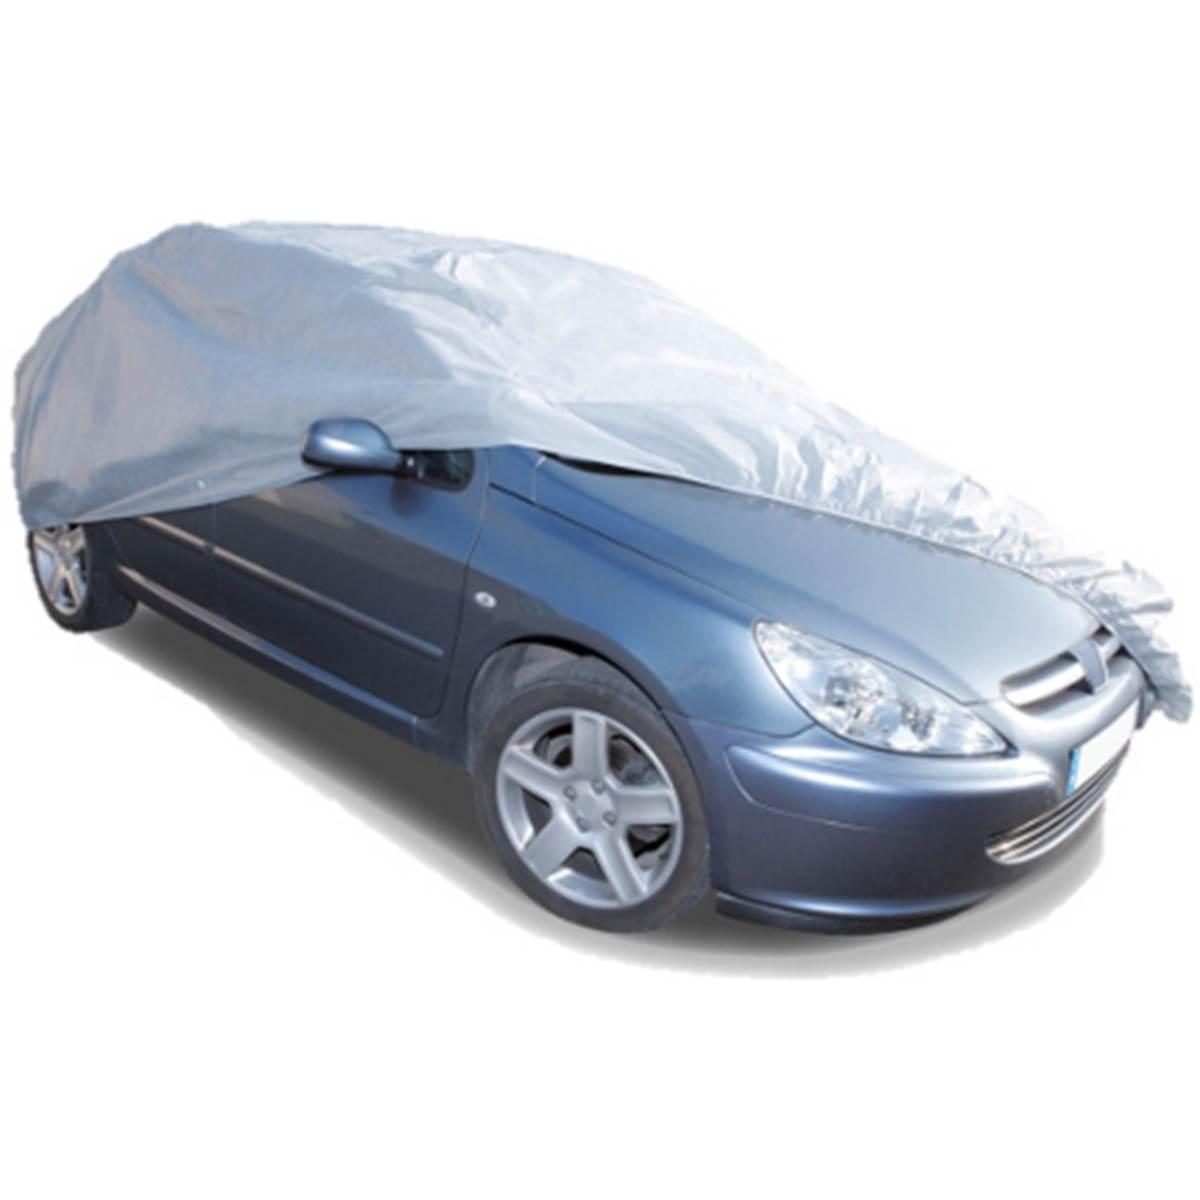 Housse de protection carrosserie Taille S